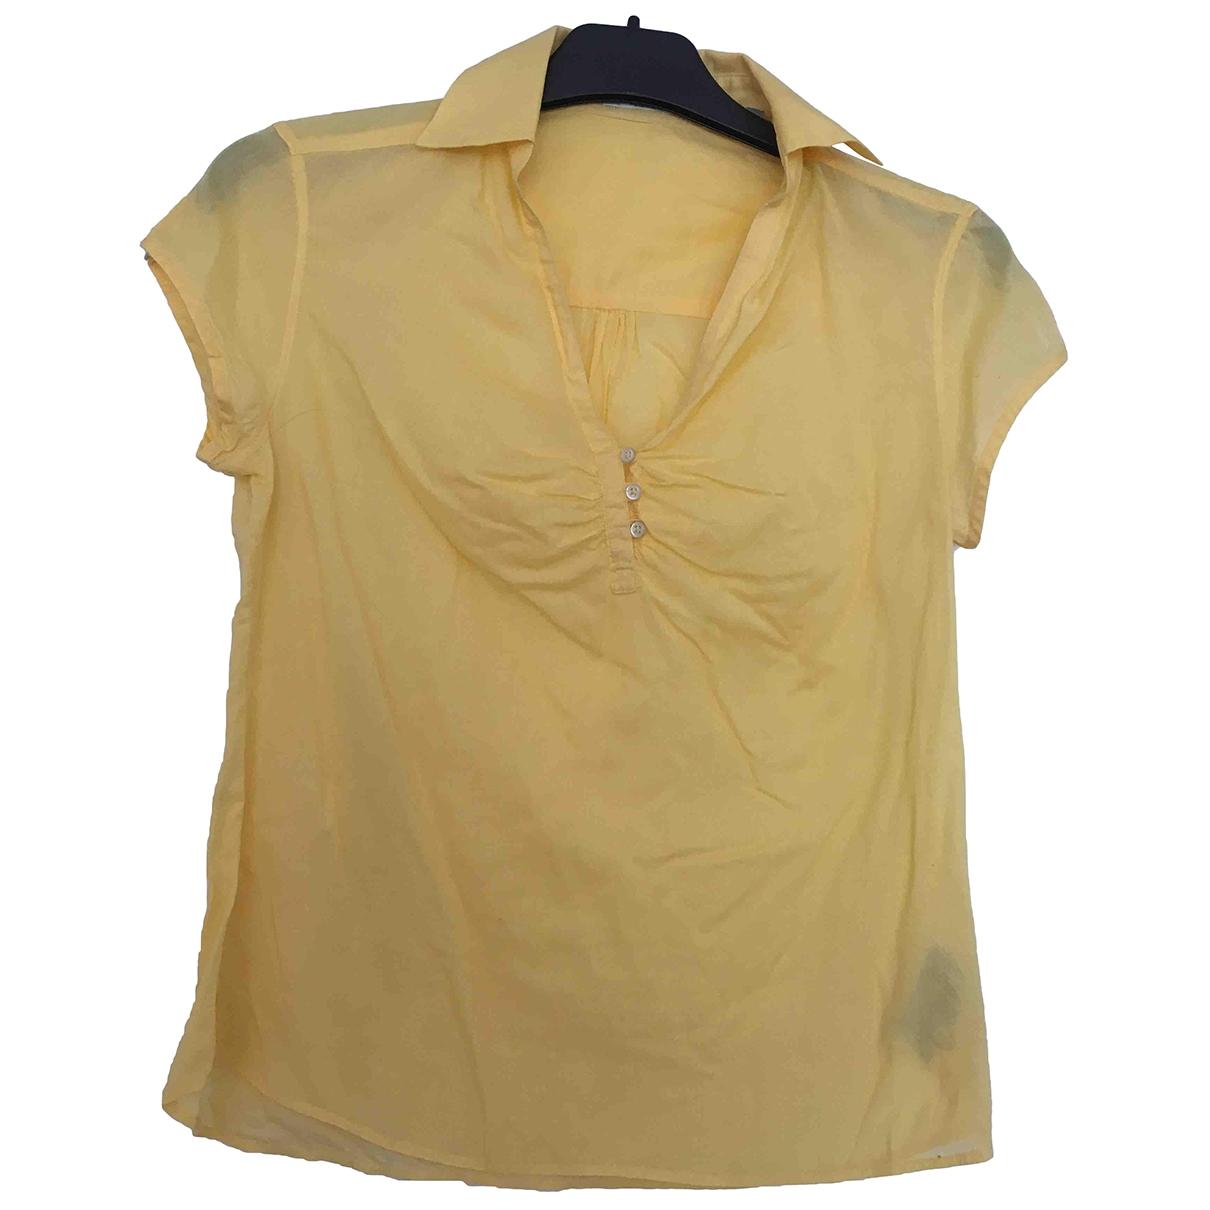 Massimo Dutti - Top   pour femme en coton - jaune